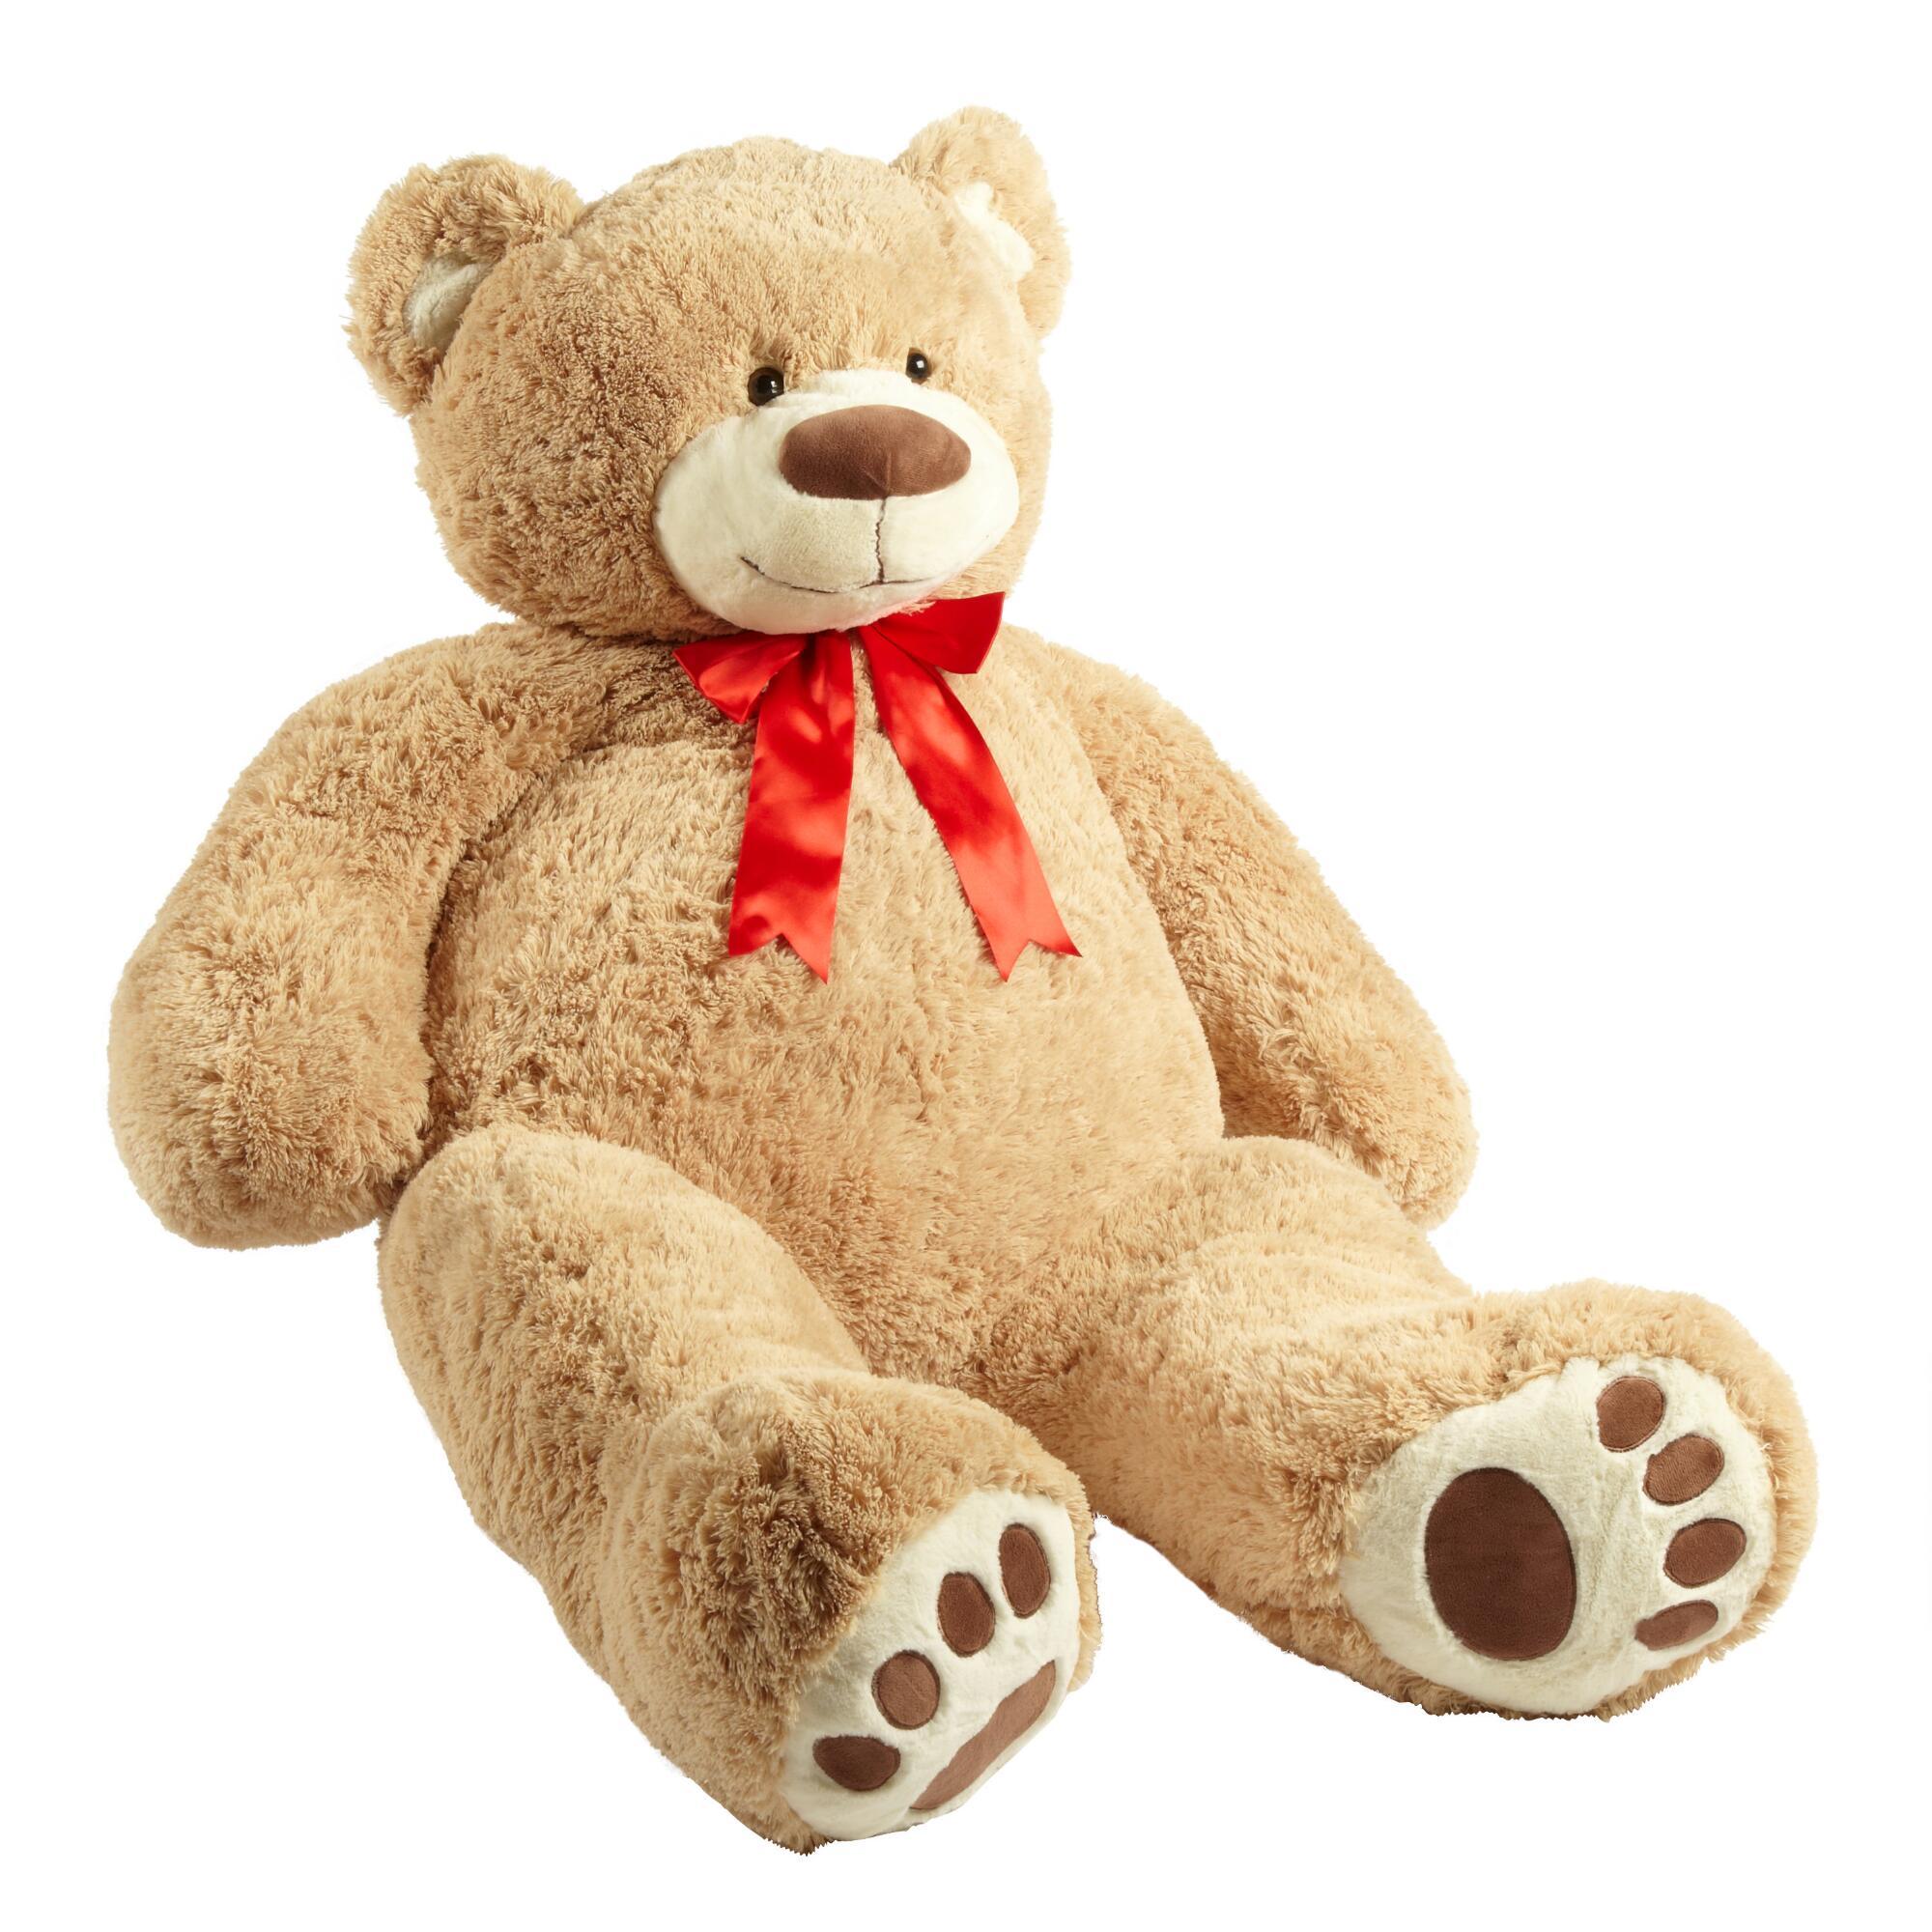 Classic teddy bear photo